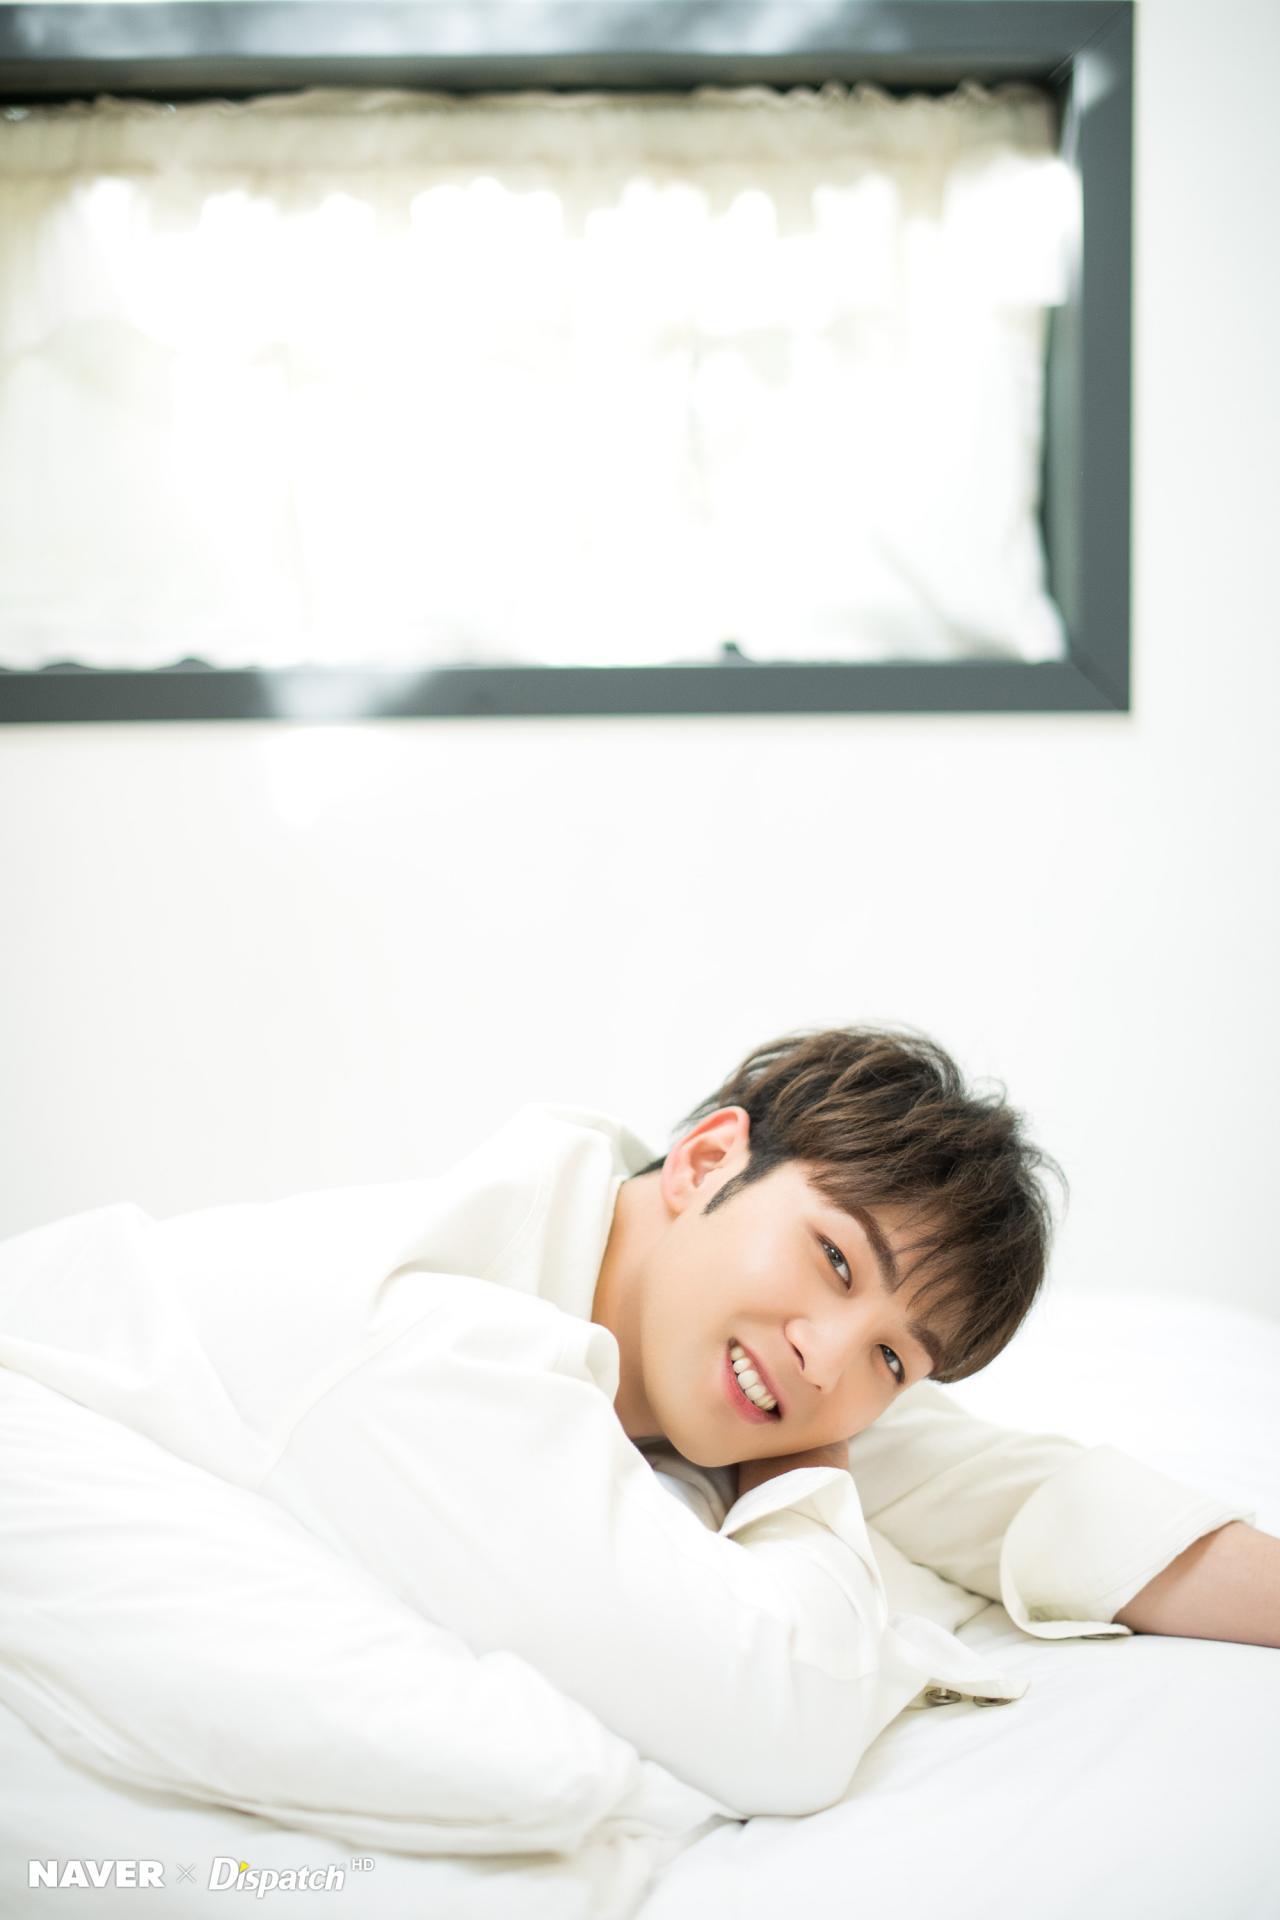 Baekho - NUEST Photo (41589969) - Fanpop